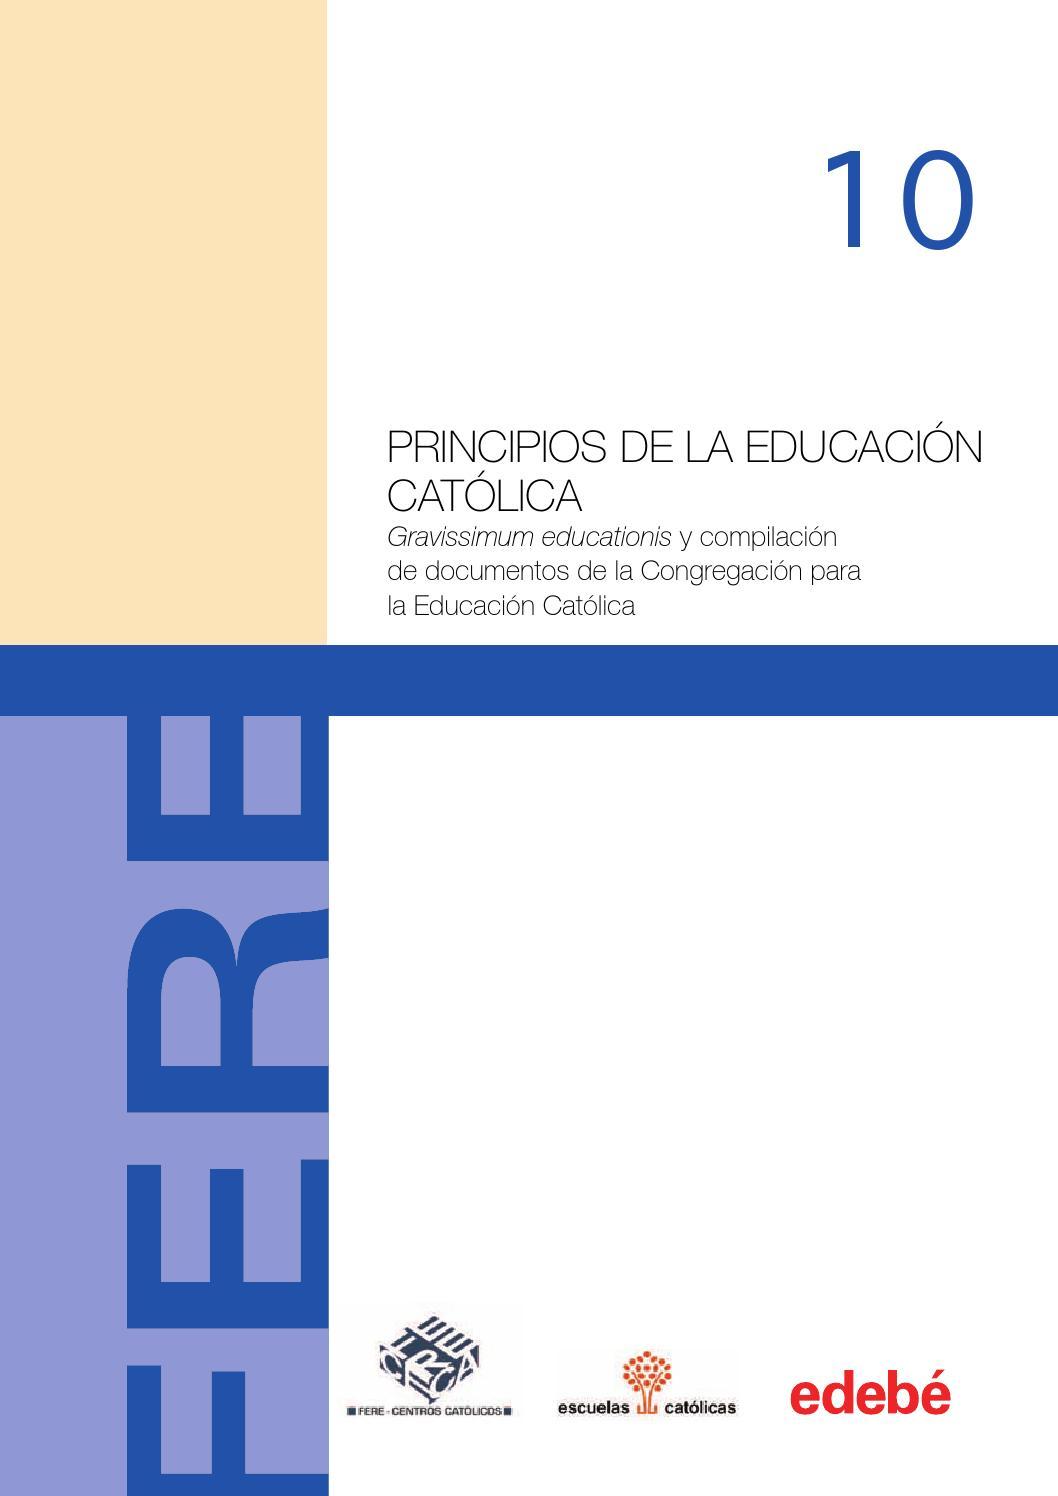 Principios de la educación católica by Escuelas Católicas - issuu